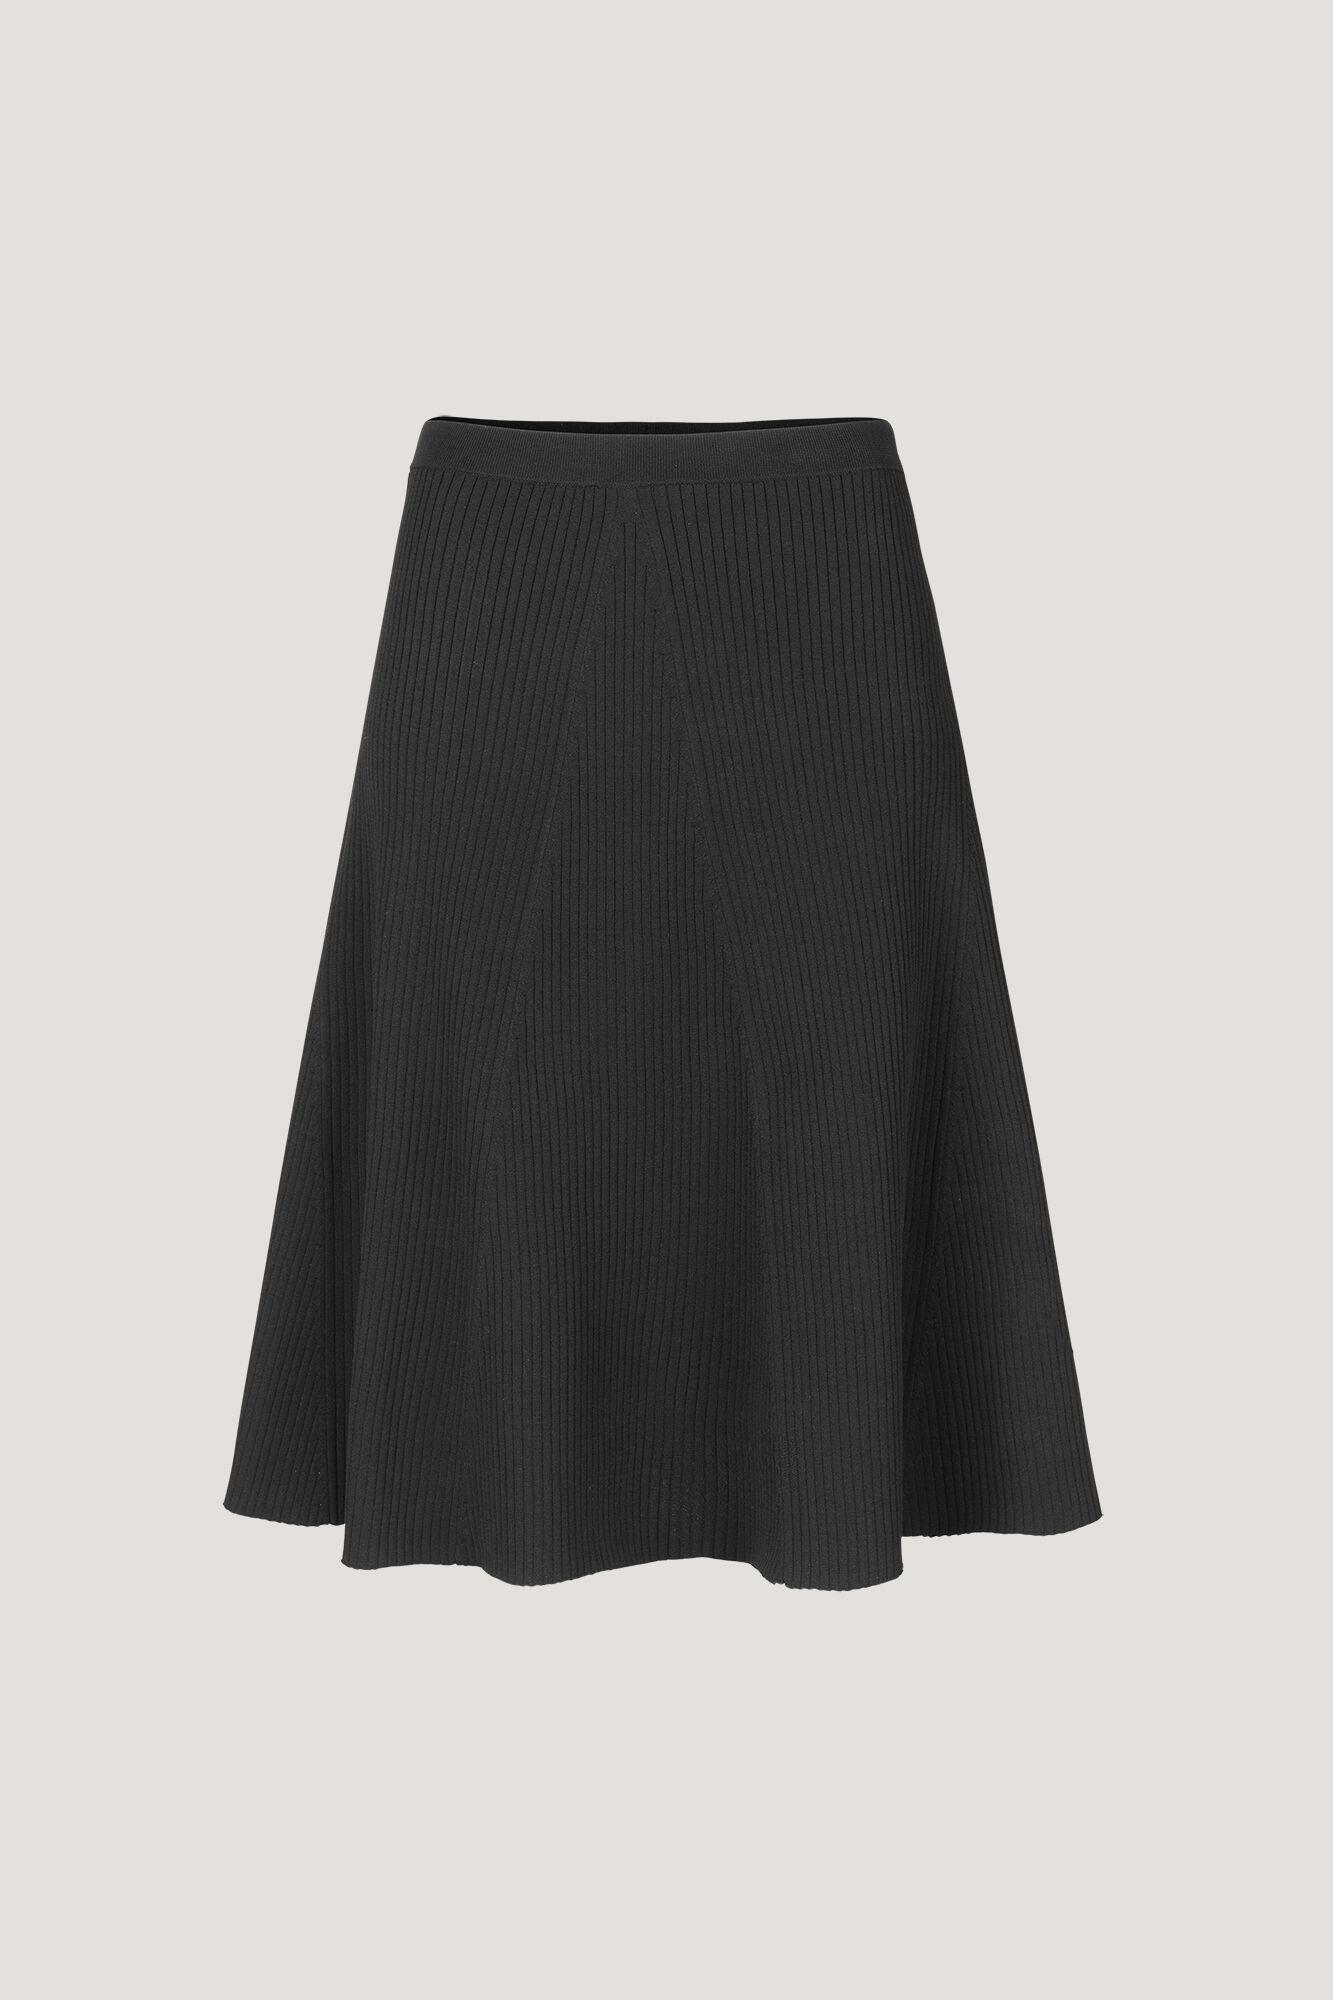 Lua skirt 10130